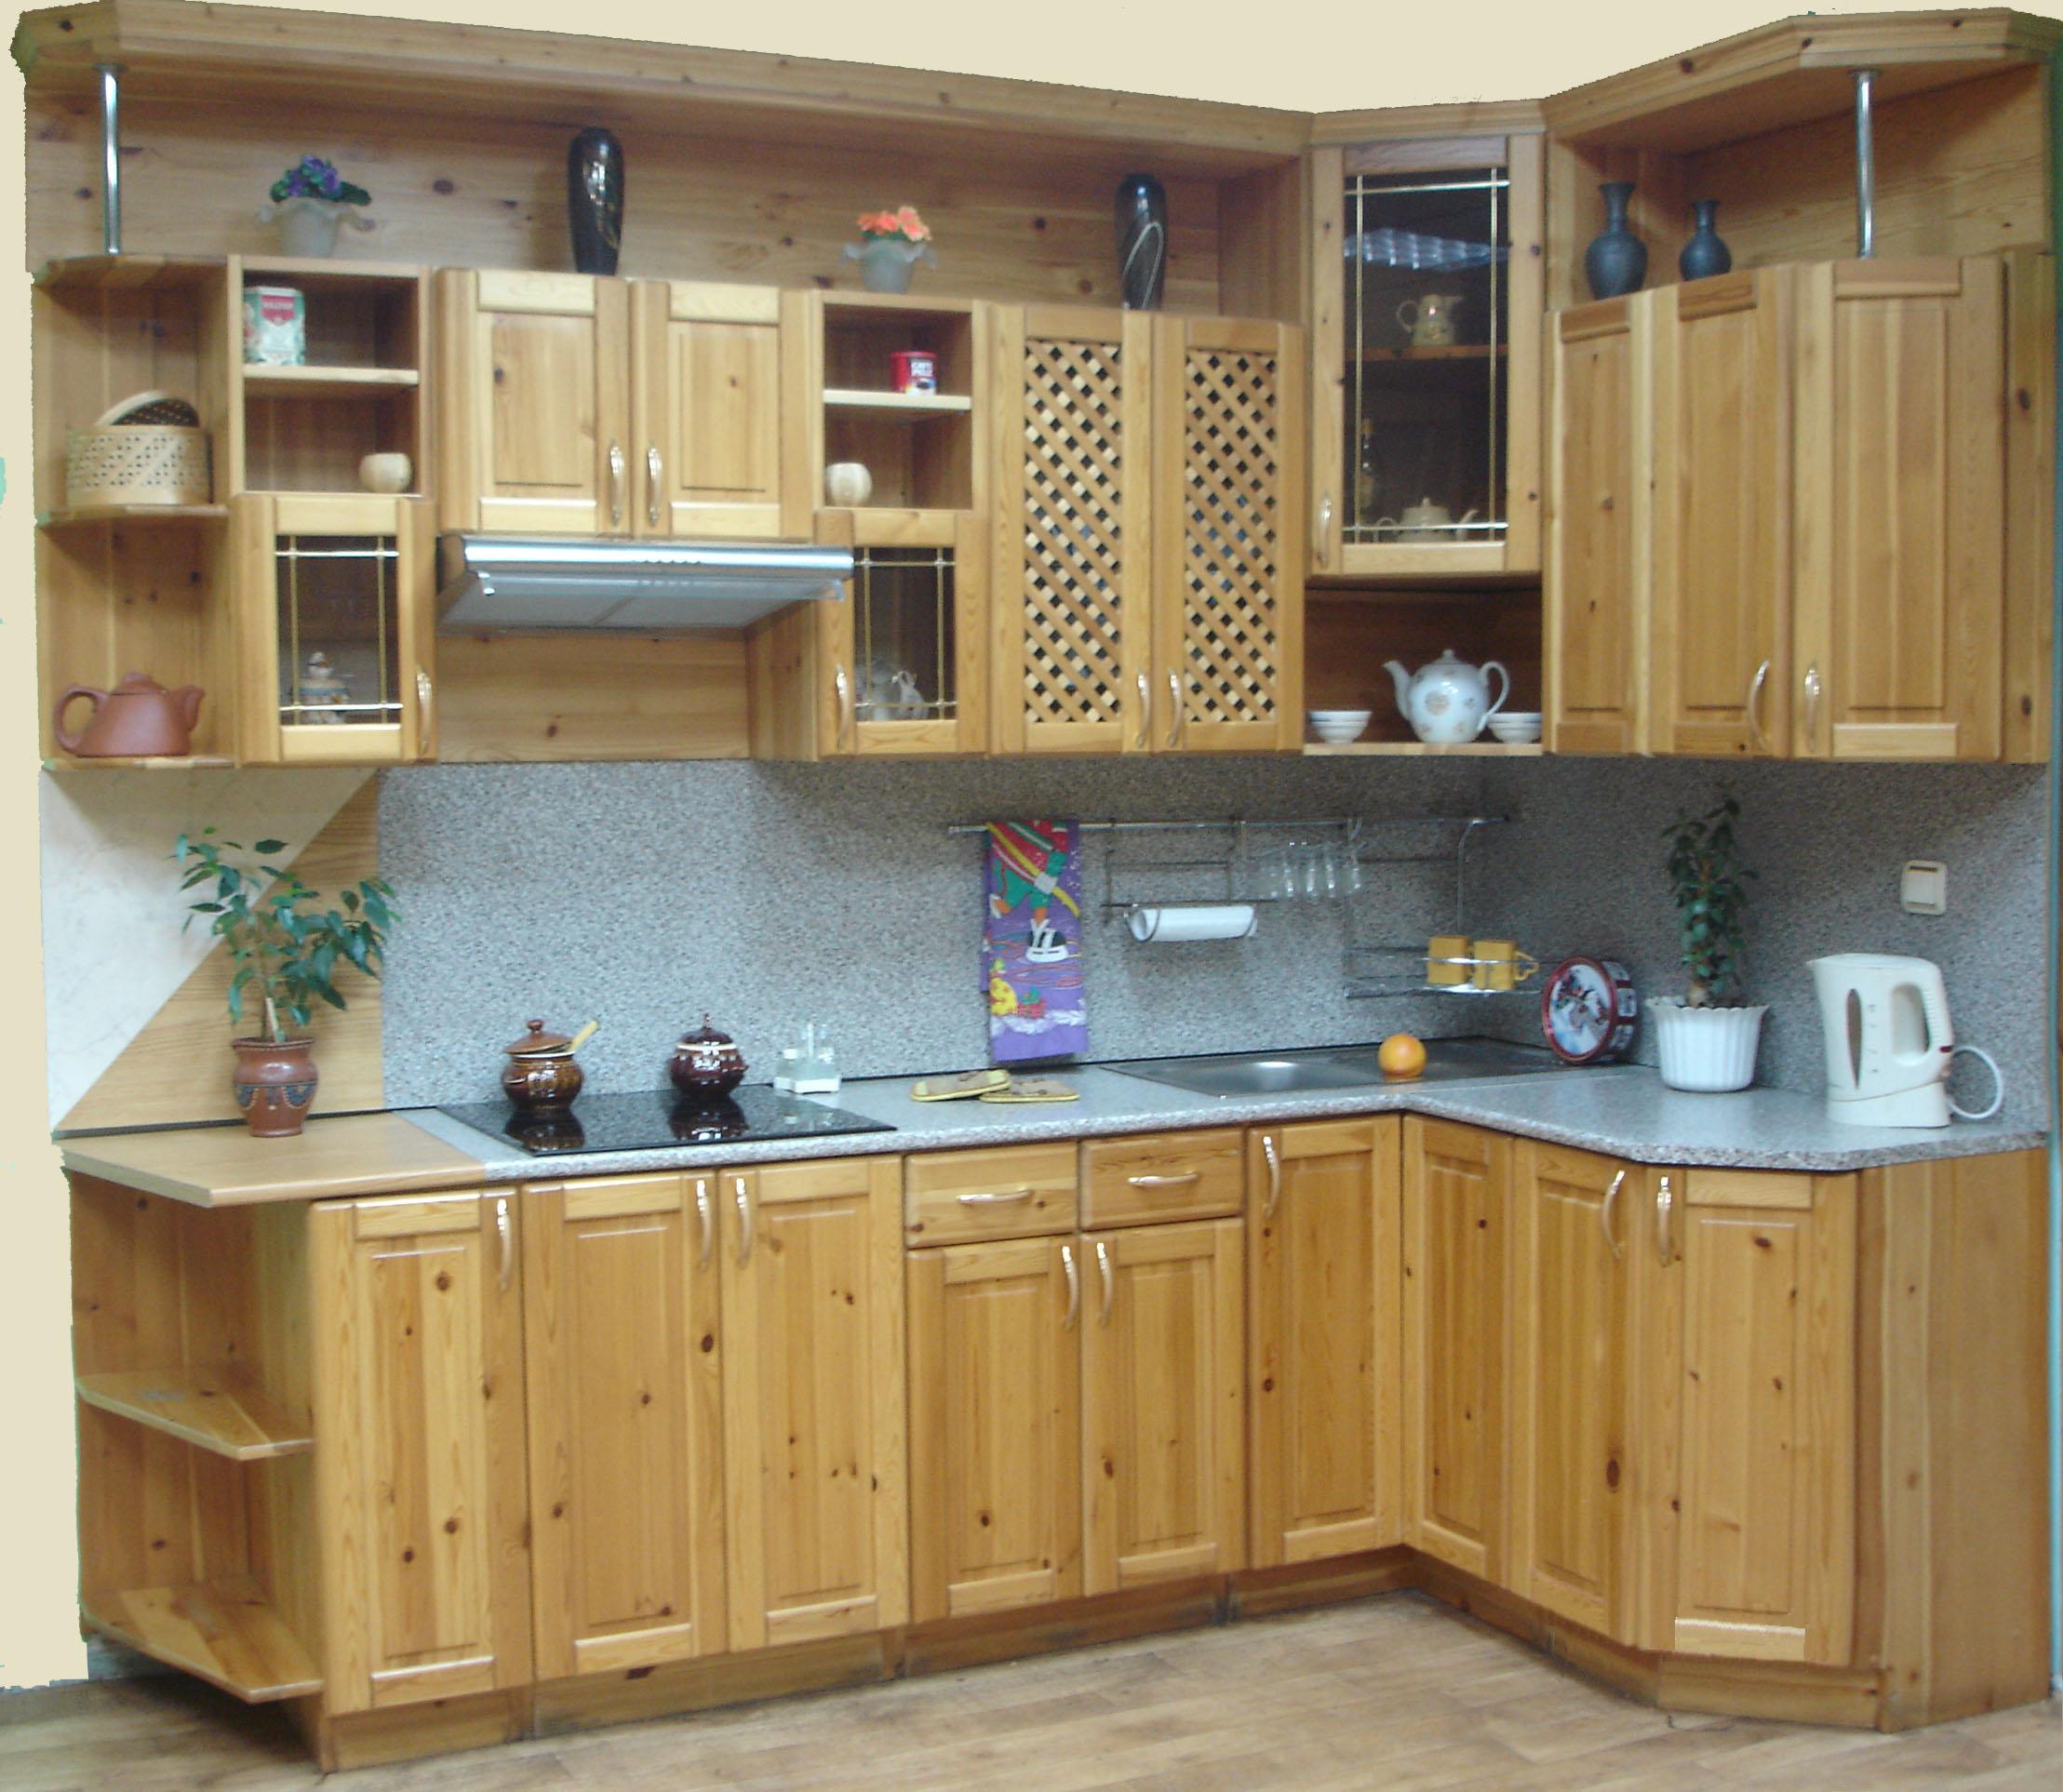 Кухонный гарнитур своими руками: как сделать замеры и собрать 60